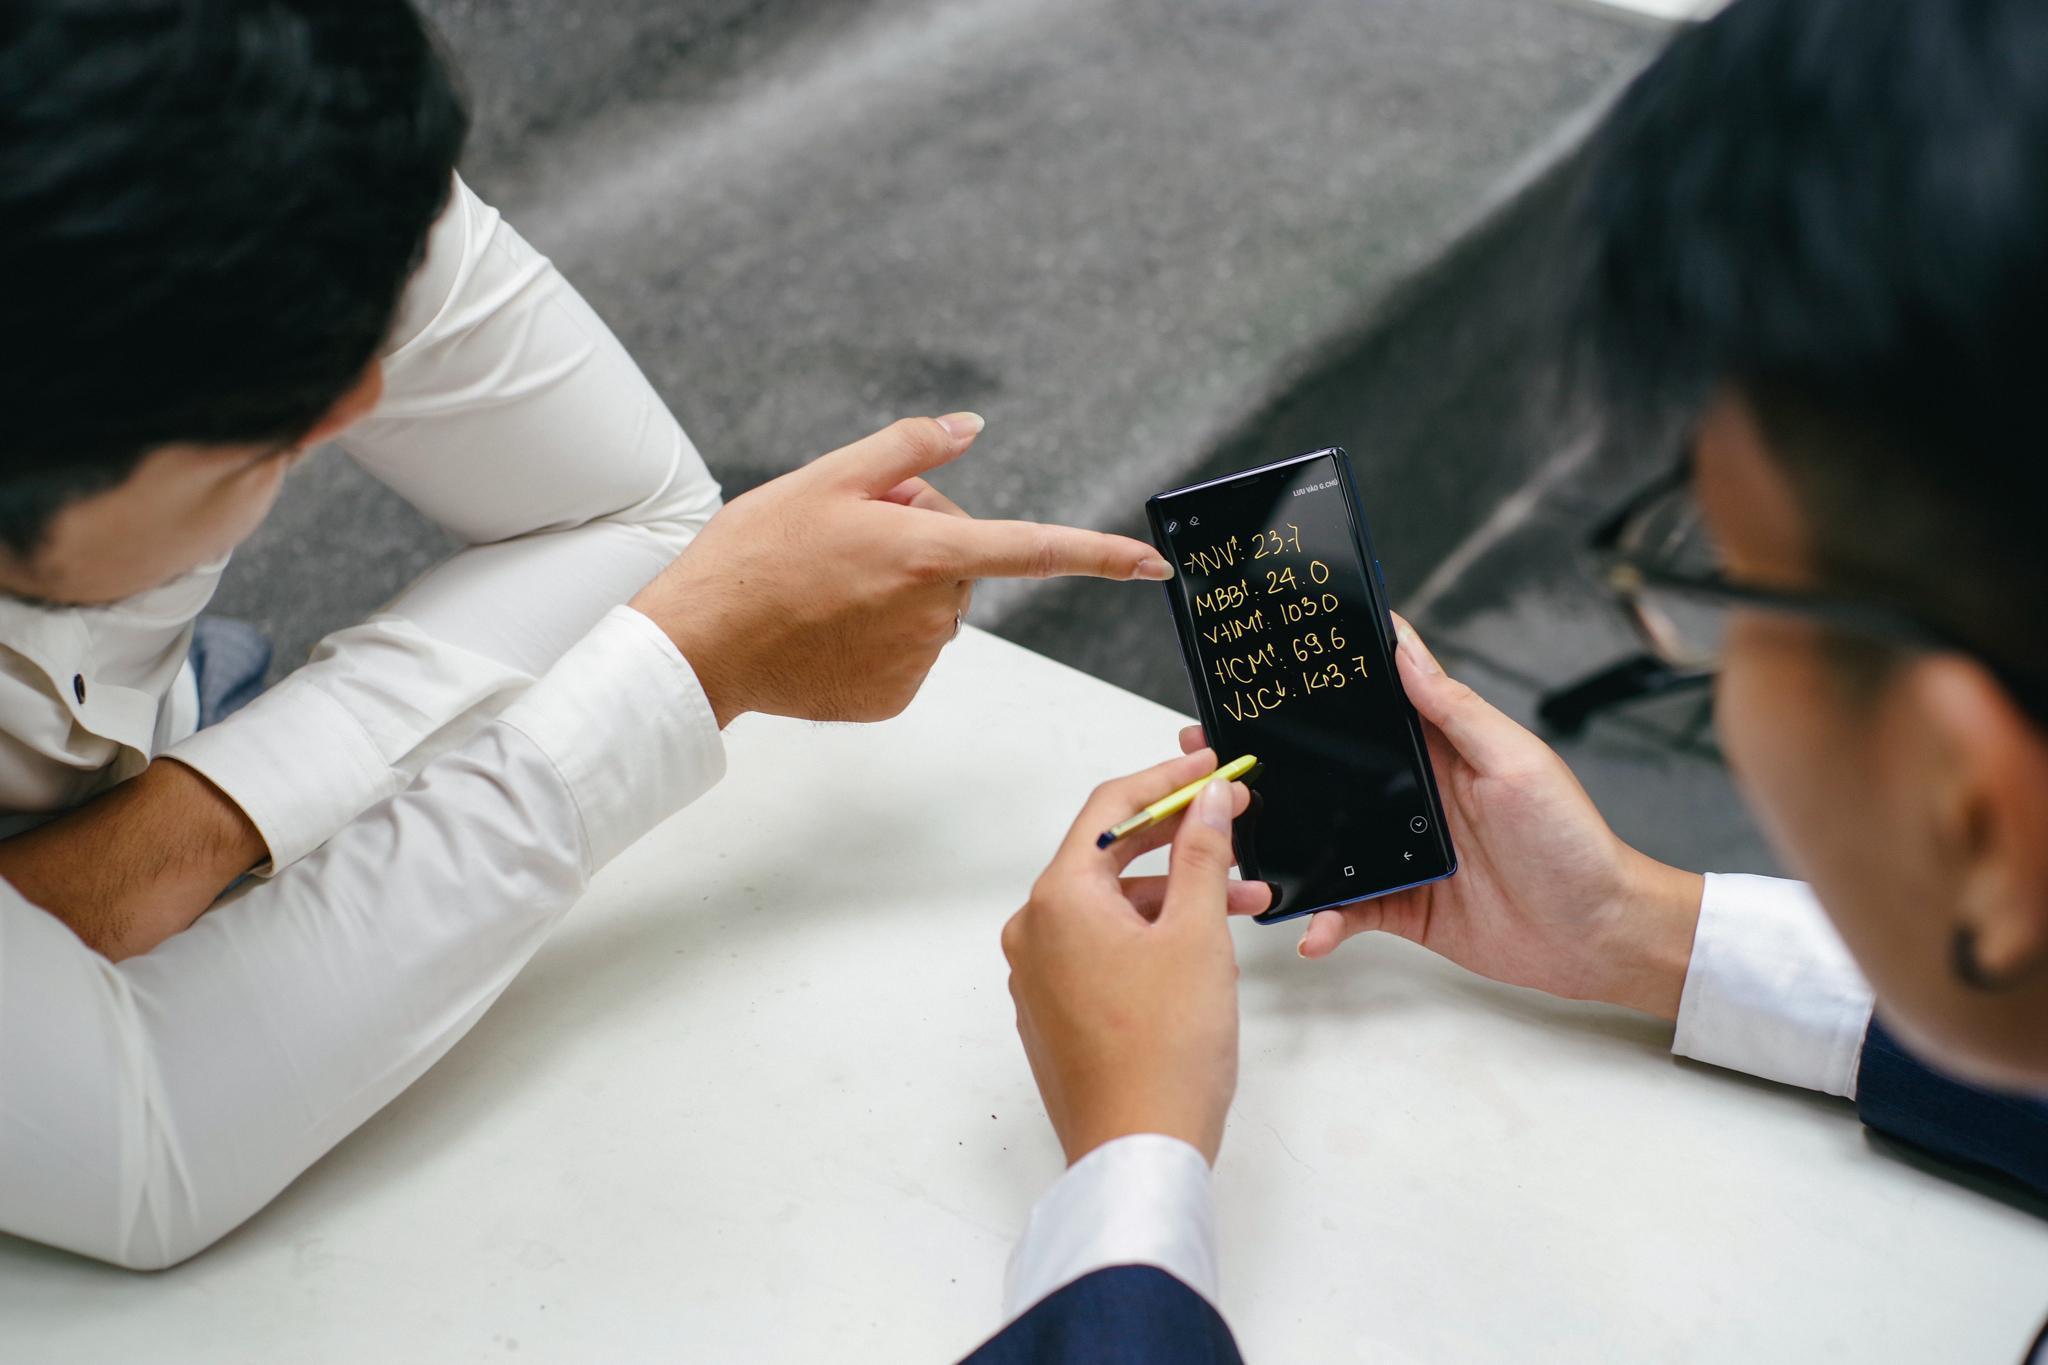 Không chỉ là điện thoại, Galaxy Note9 còn là công cụ tuyệt vời cho chàng trai này kiếm tiền hàng ngày - Ảnh 5.